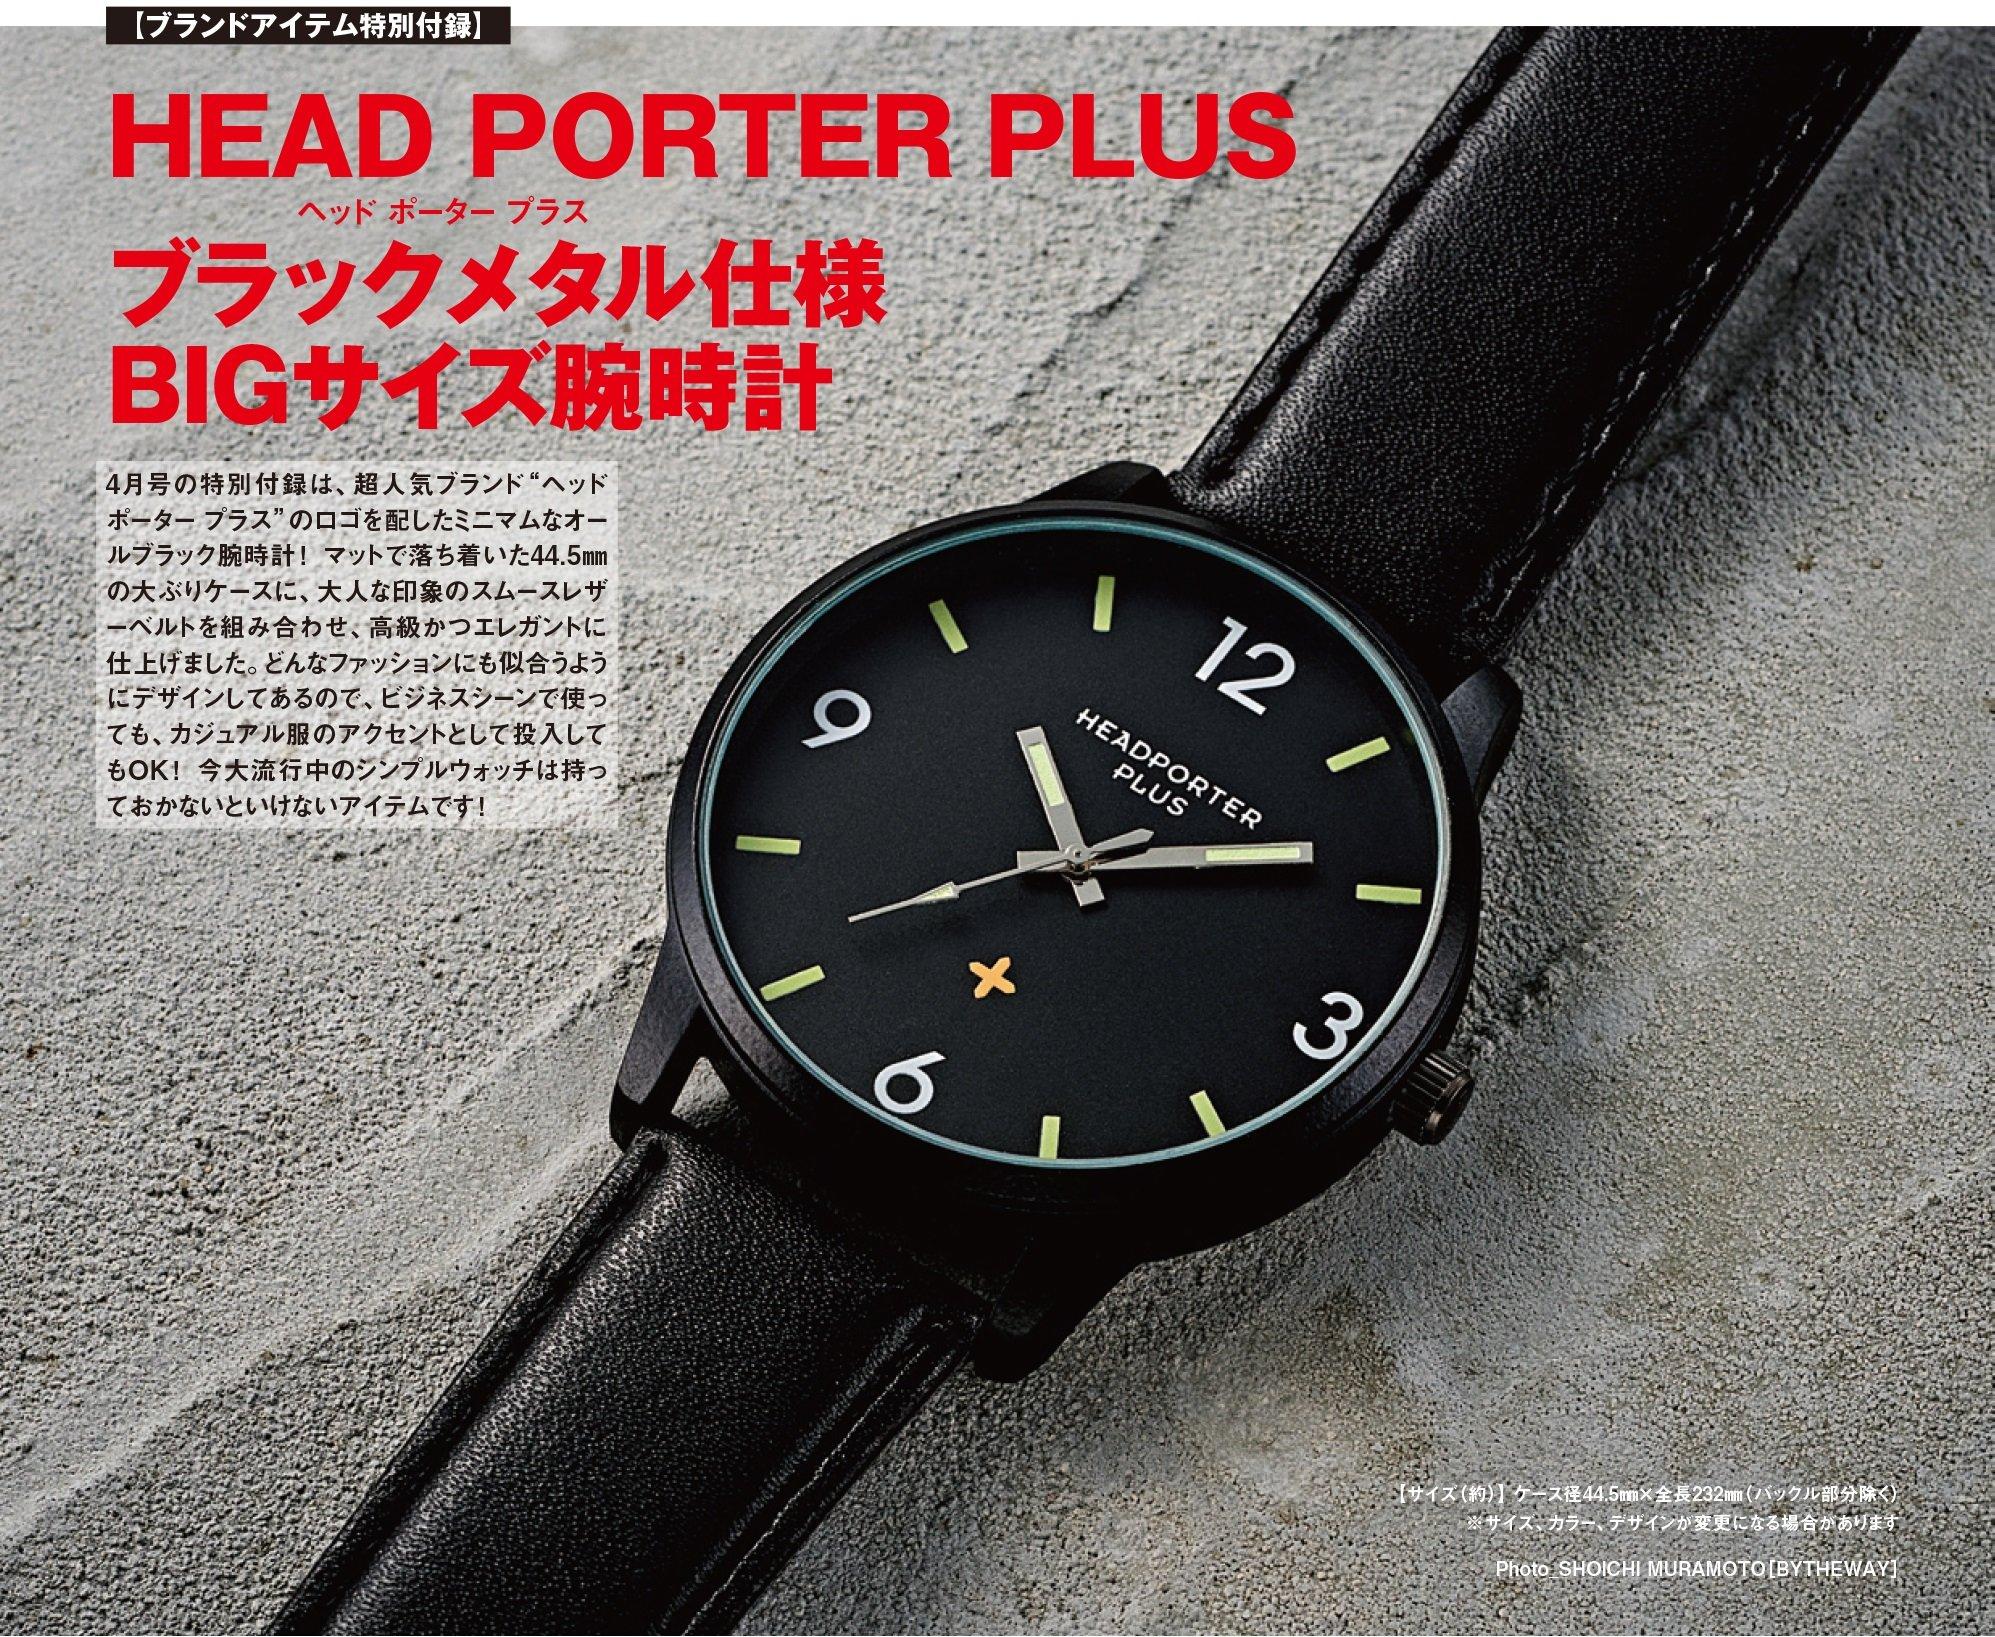 アマゾンで雑誌のsmart(スマート) 2017年4月号を買うと、ヘッドポータープラス、ブラック・メタル仕様の時計が付録で付いてくる。2/24~。